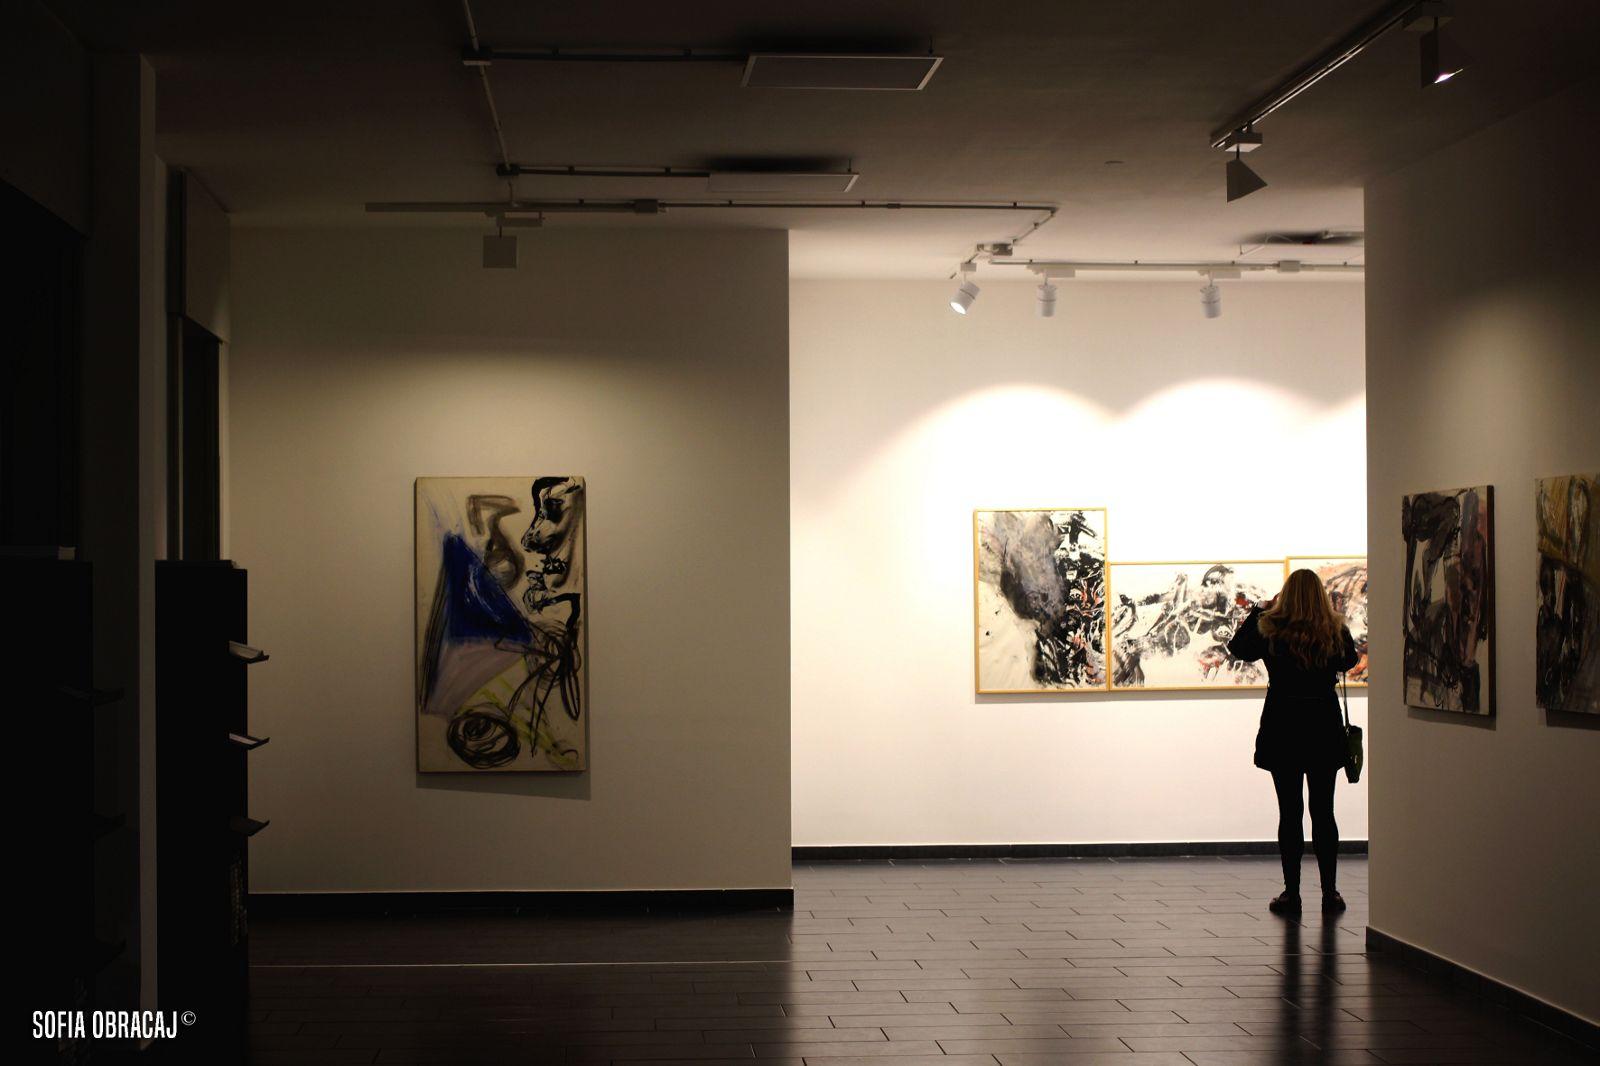 Artscore visita la mostra Martin Disler-Opere su carta presso lo Studio d'Arte Cannaviello, ph. Sofia Obracaj